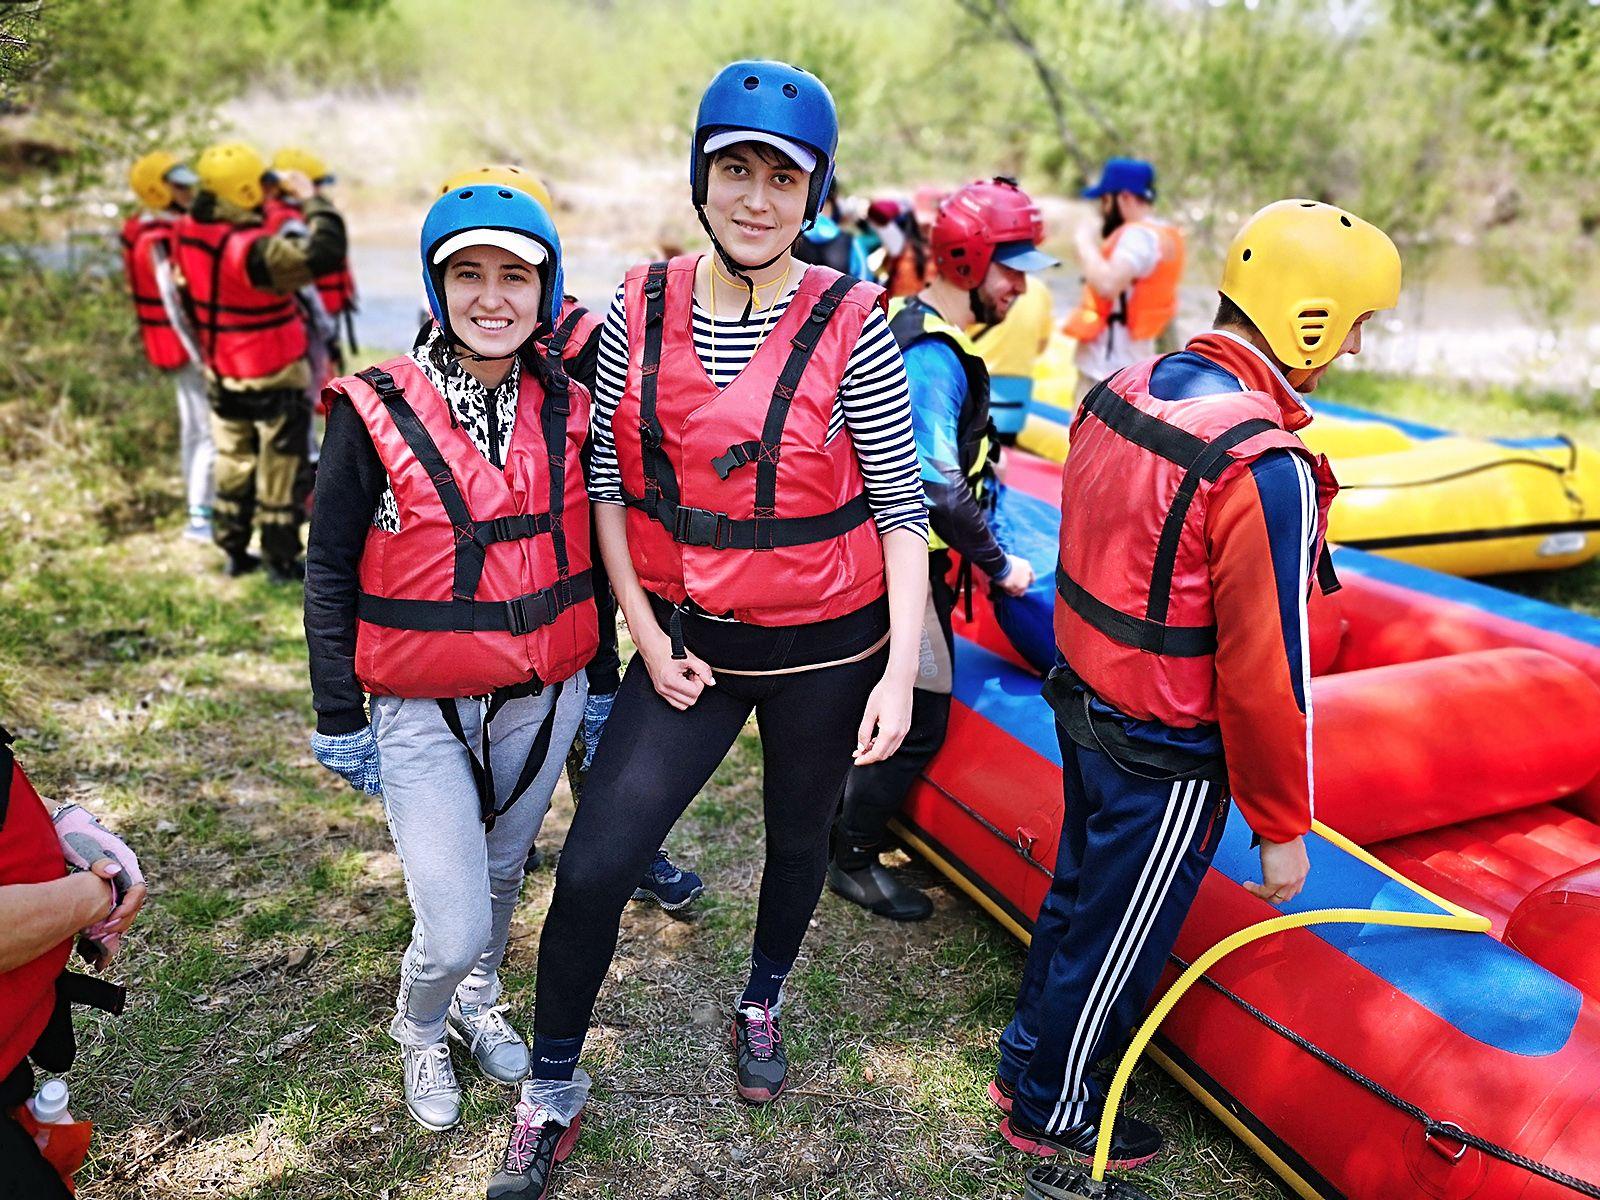 ВГУЭС осваивает рафтинг: коллективный сплав по реке Партизанской